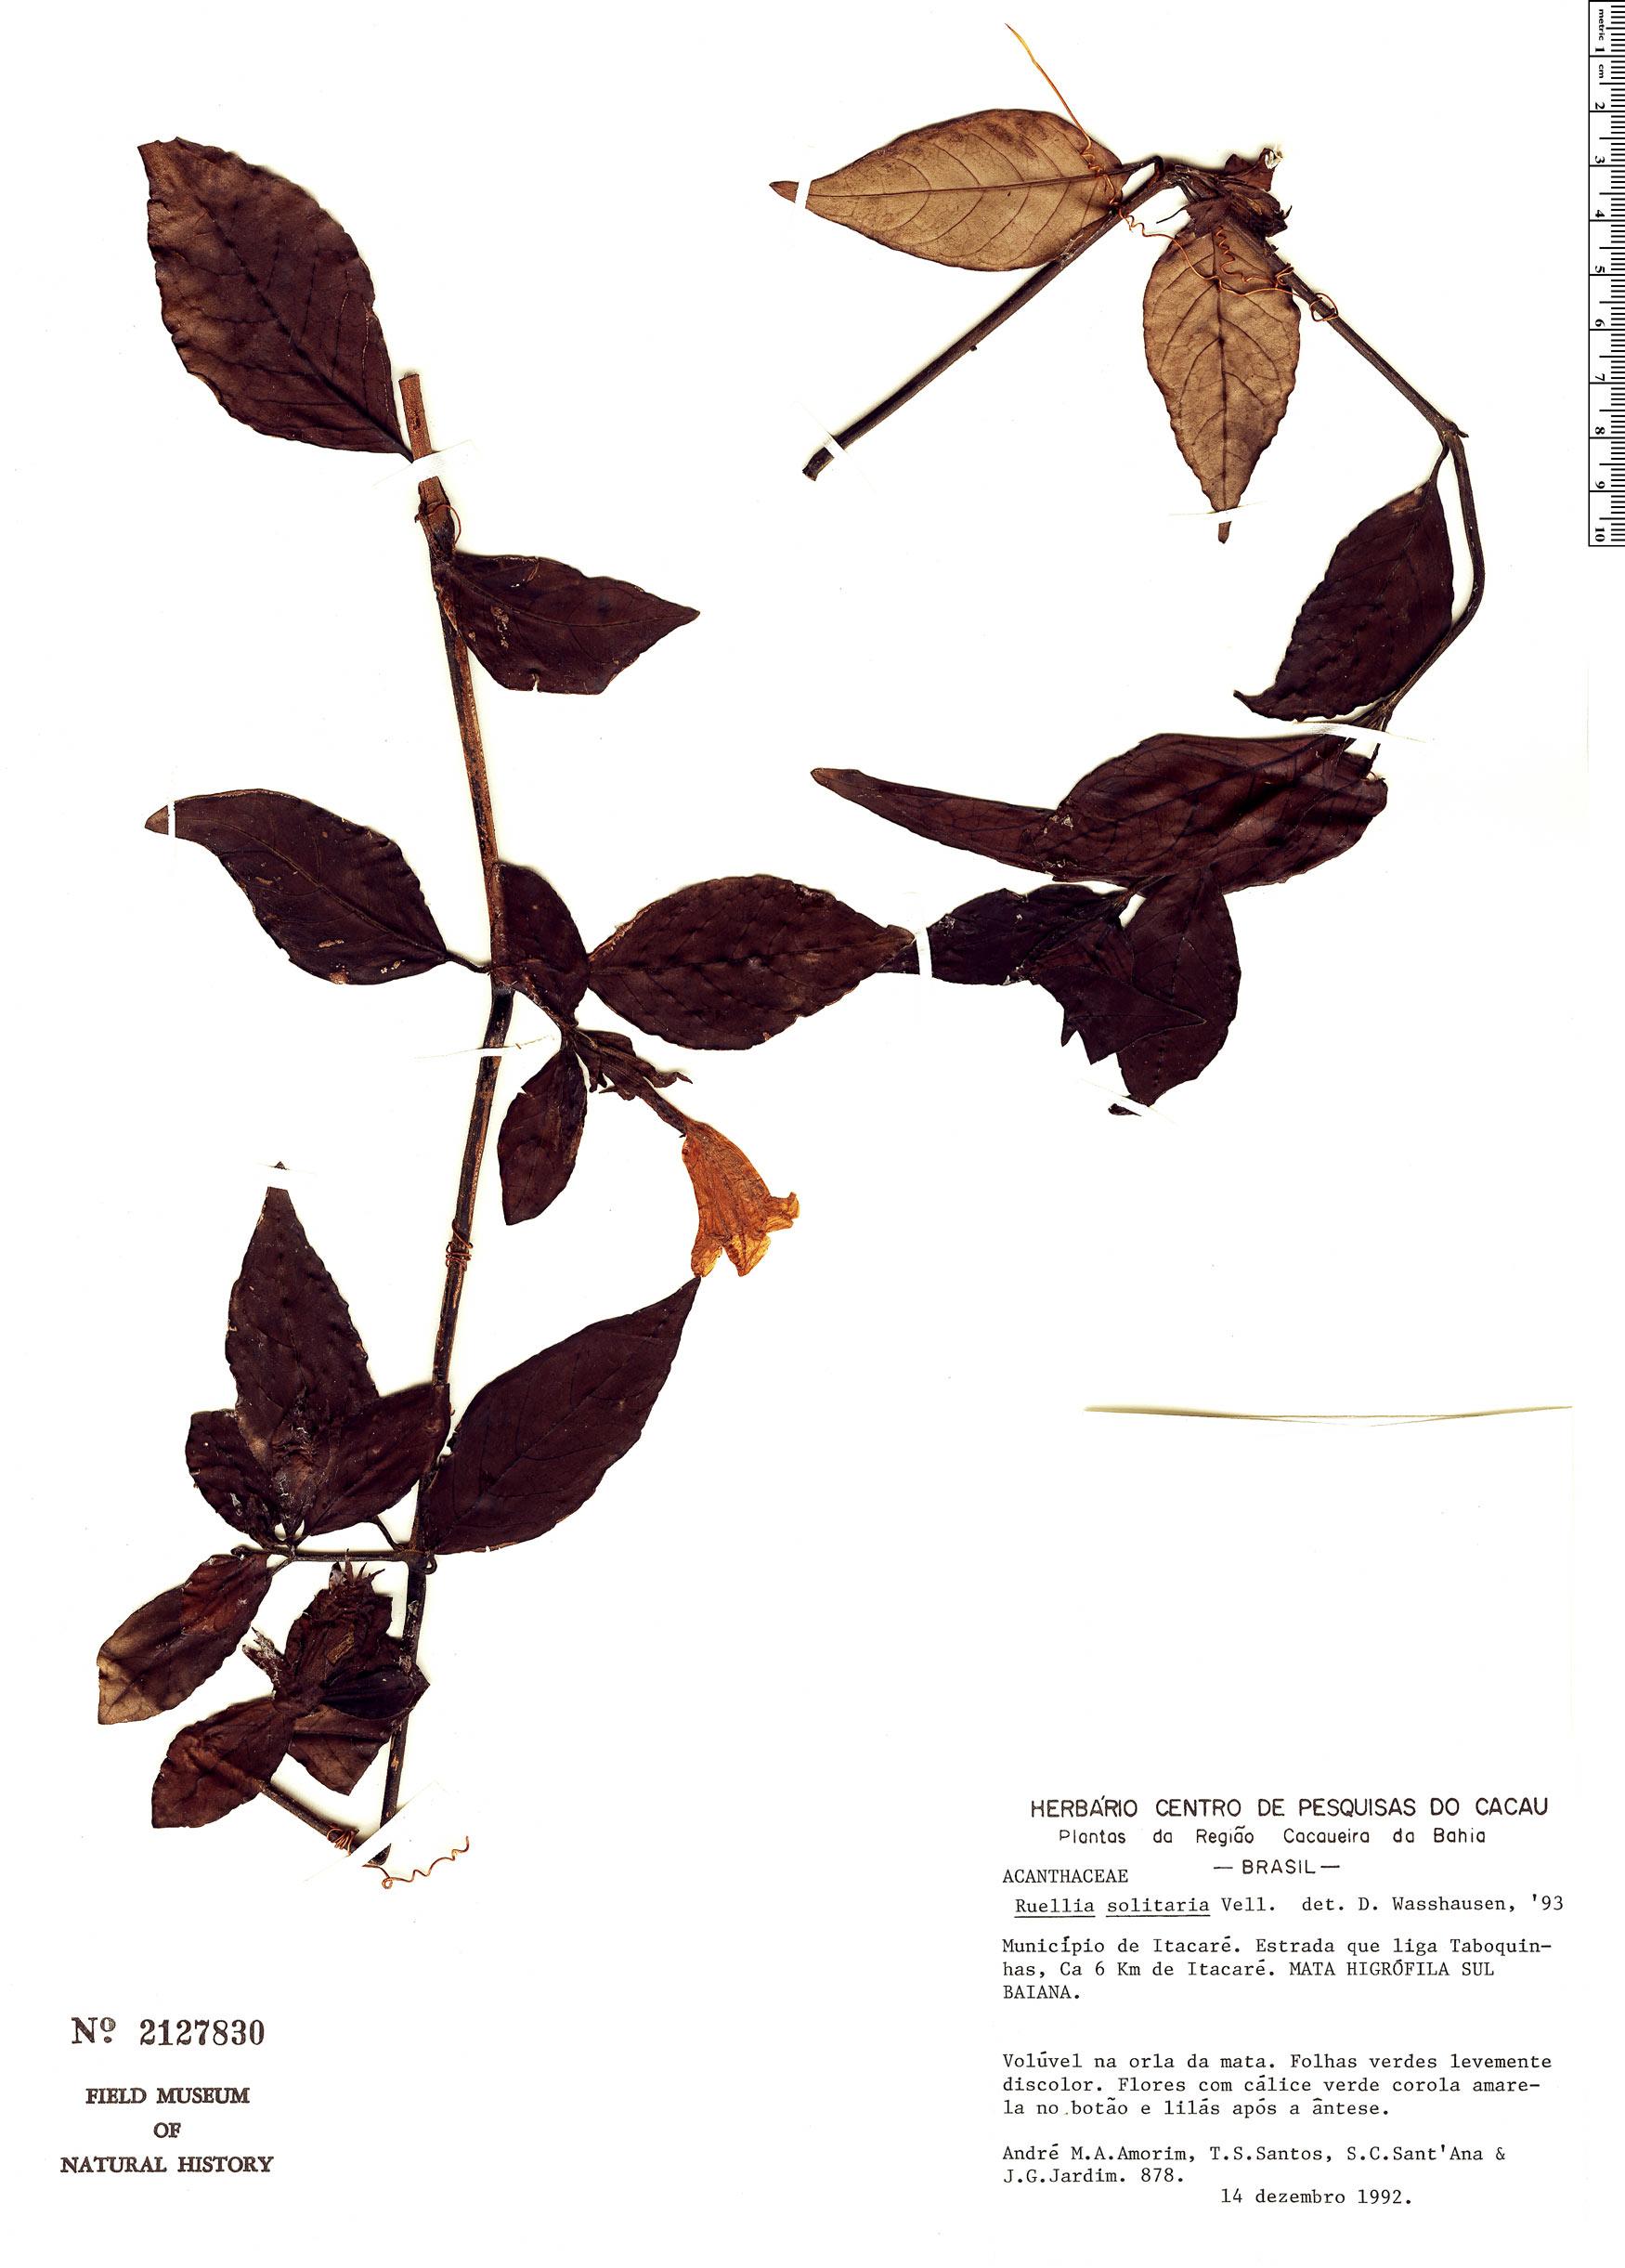 Specimen: Ruellia solitaria